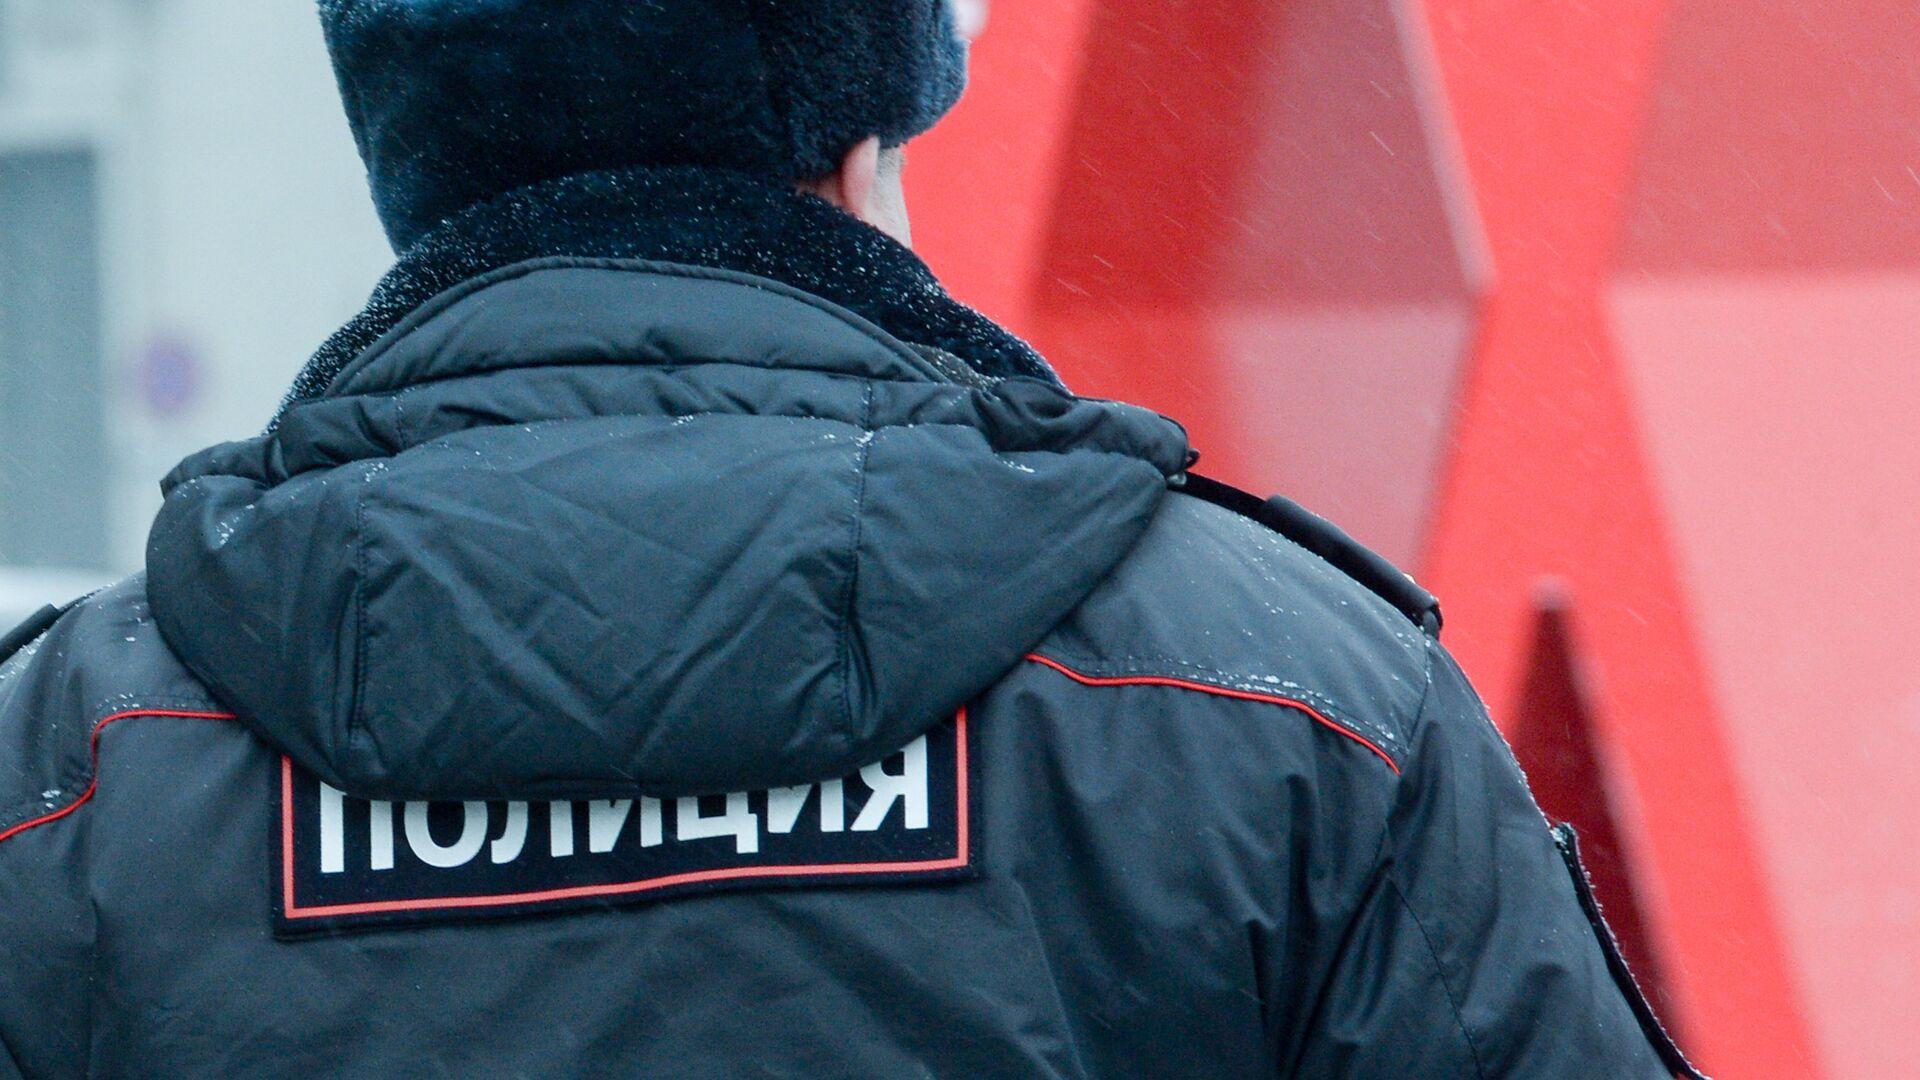 Полицейский на улице Москвы - РИА Новости, 1920, 07.01.2021